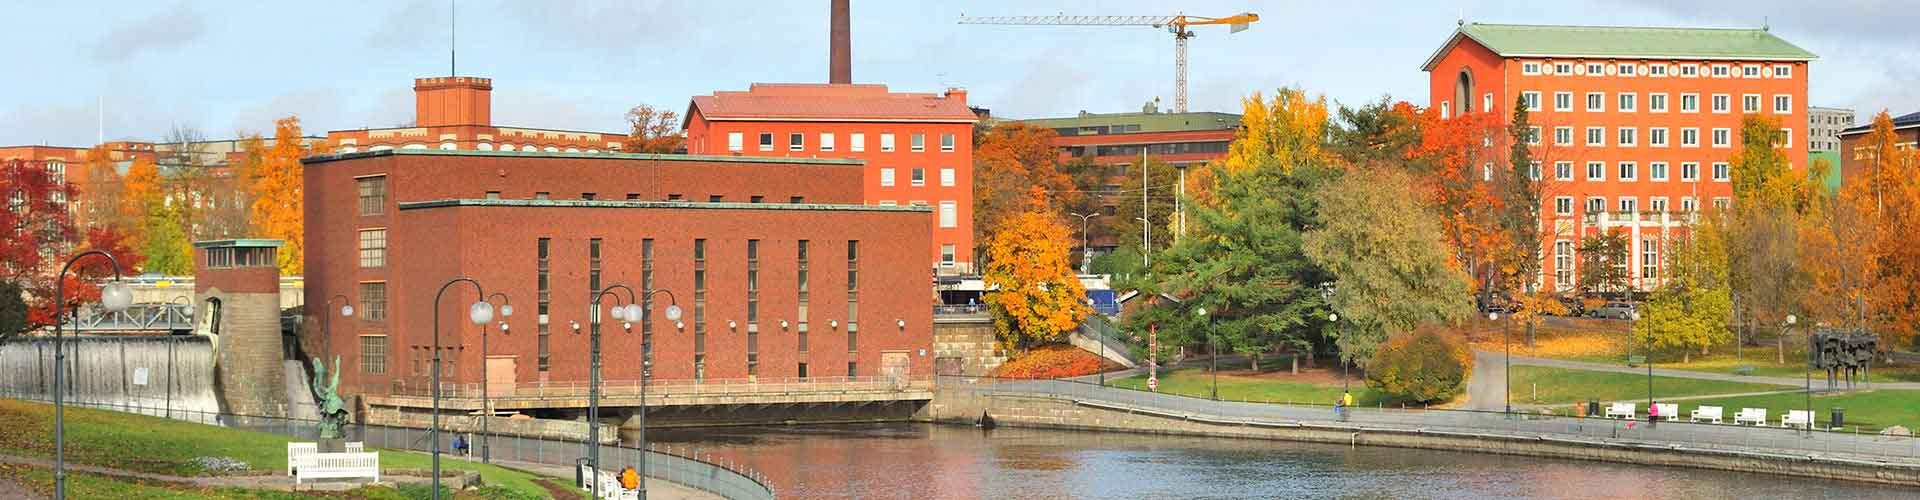 Tampere - Hostales en Tampere. Mapas de Tampere, Fotos y comentarios de cada Hostal en Tampere.